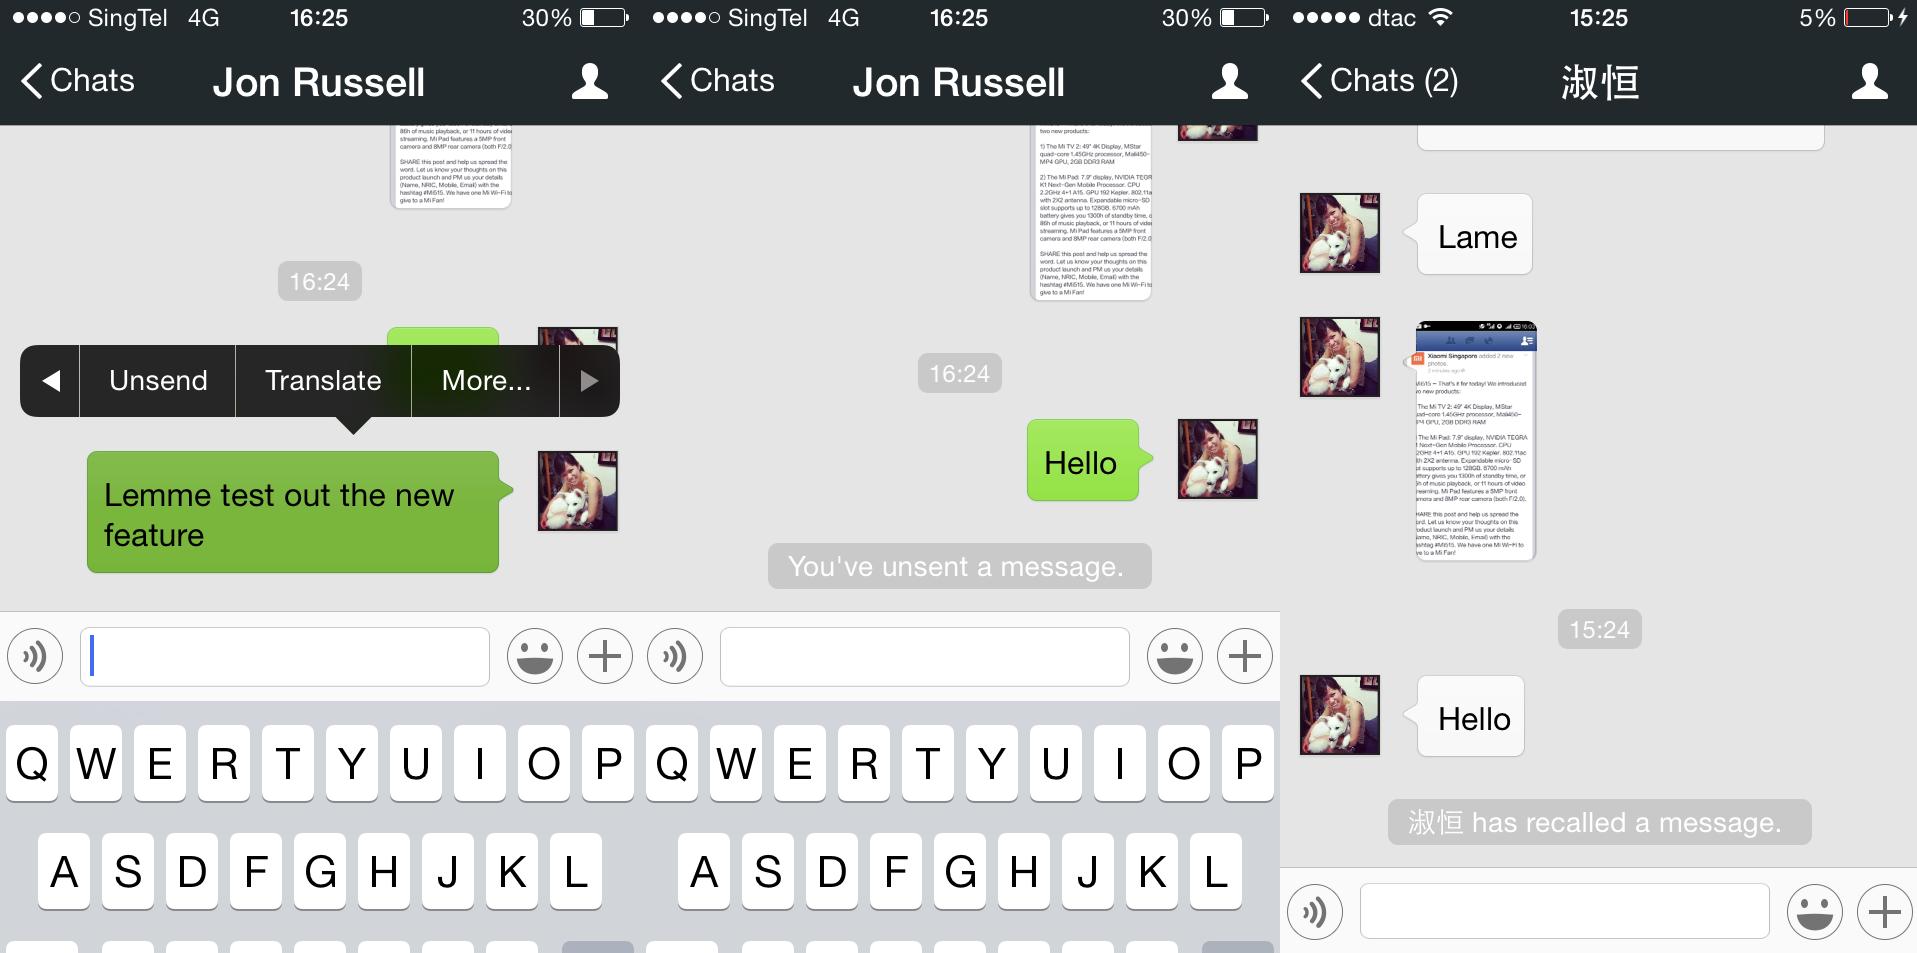 Come usare Whatsapp su PC senza telefono [GUIDA]